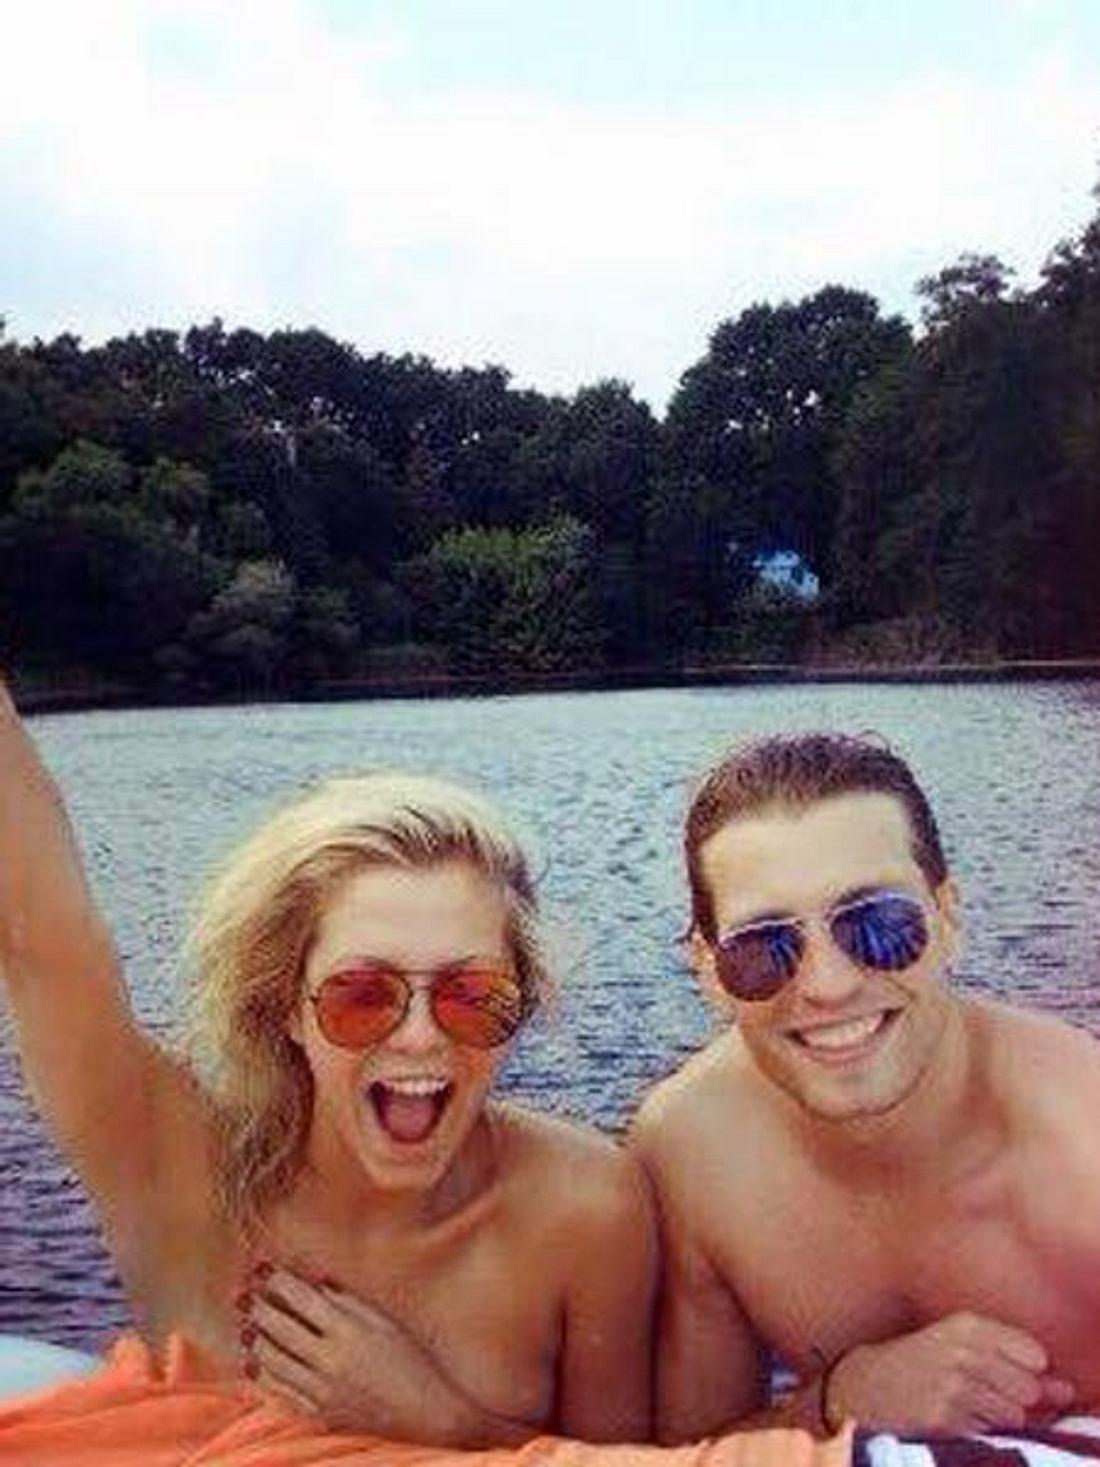 Raul Richter und Valentina Pahde planschen im See